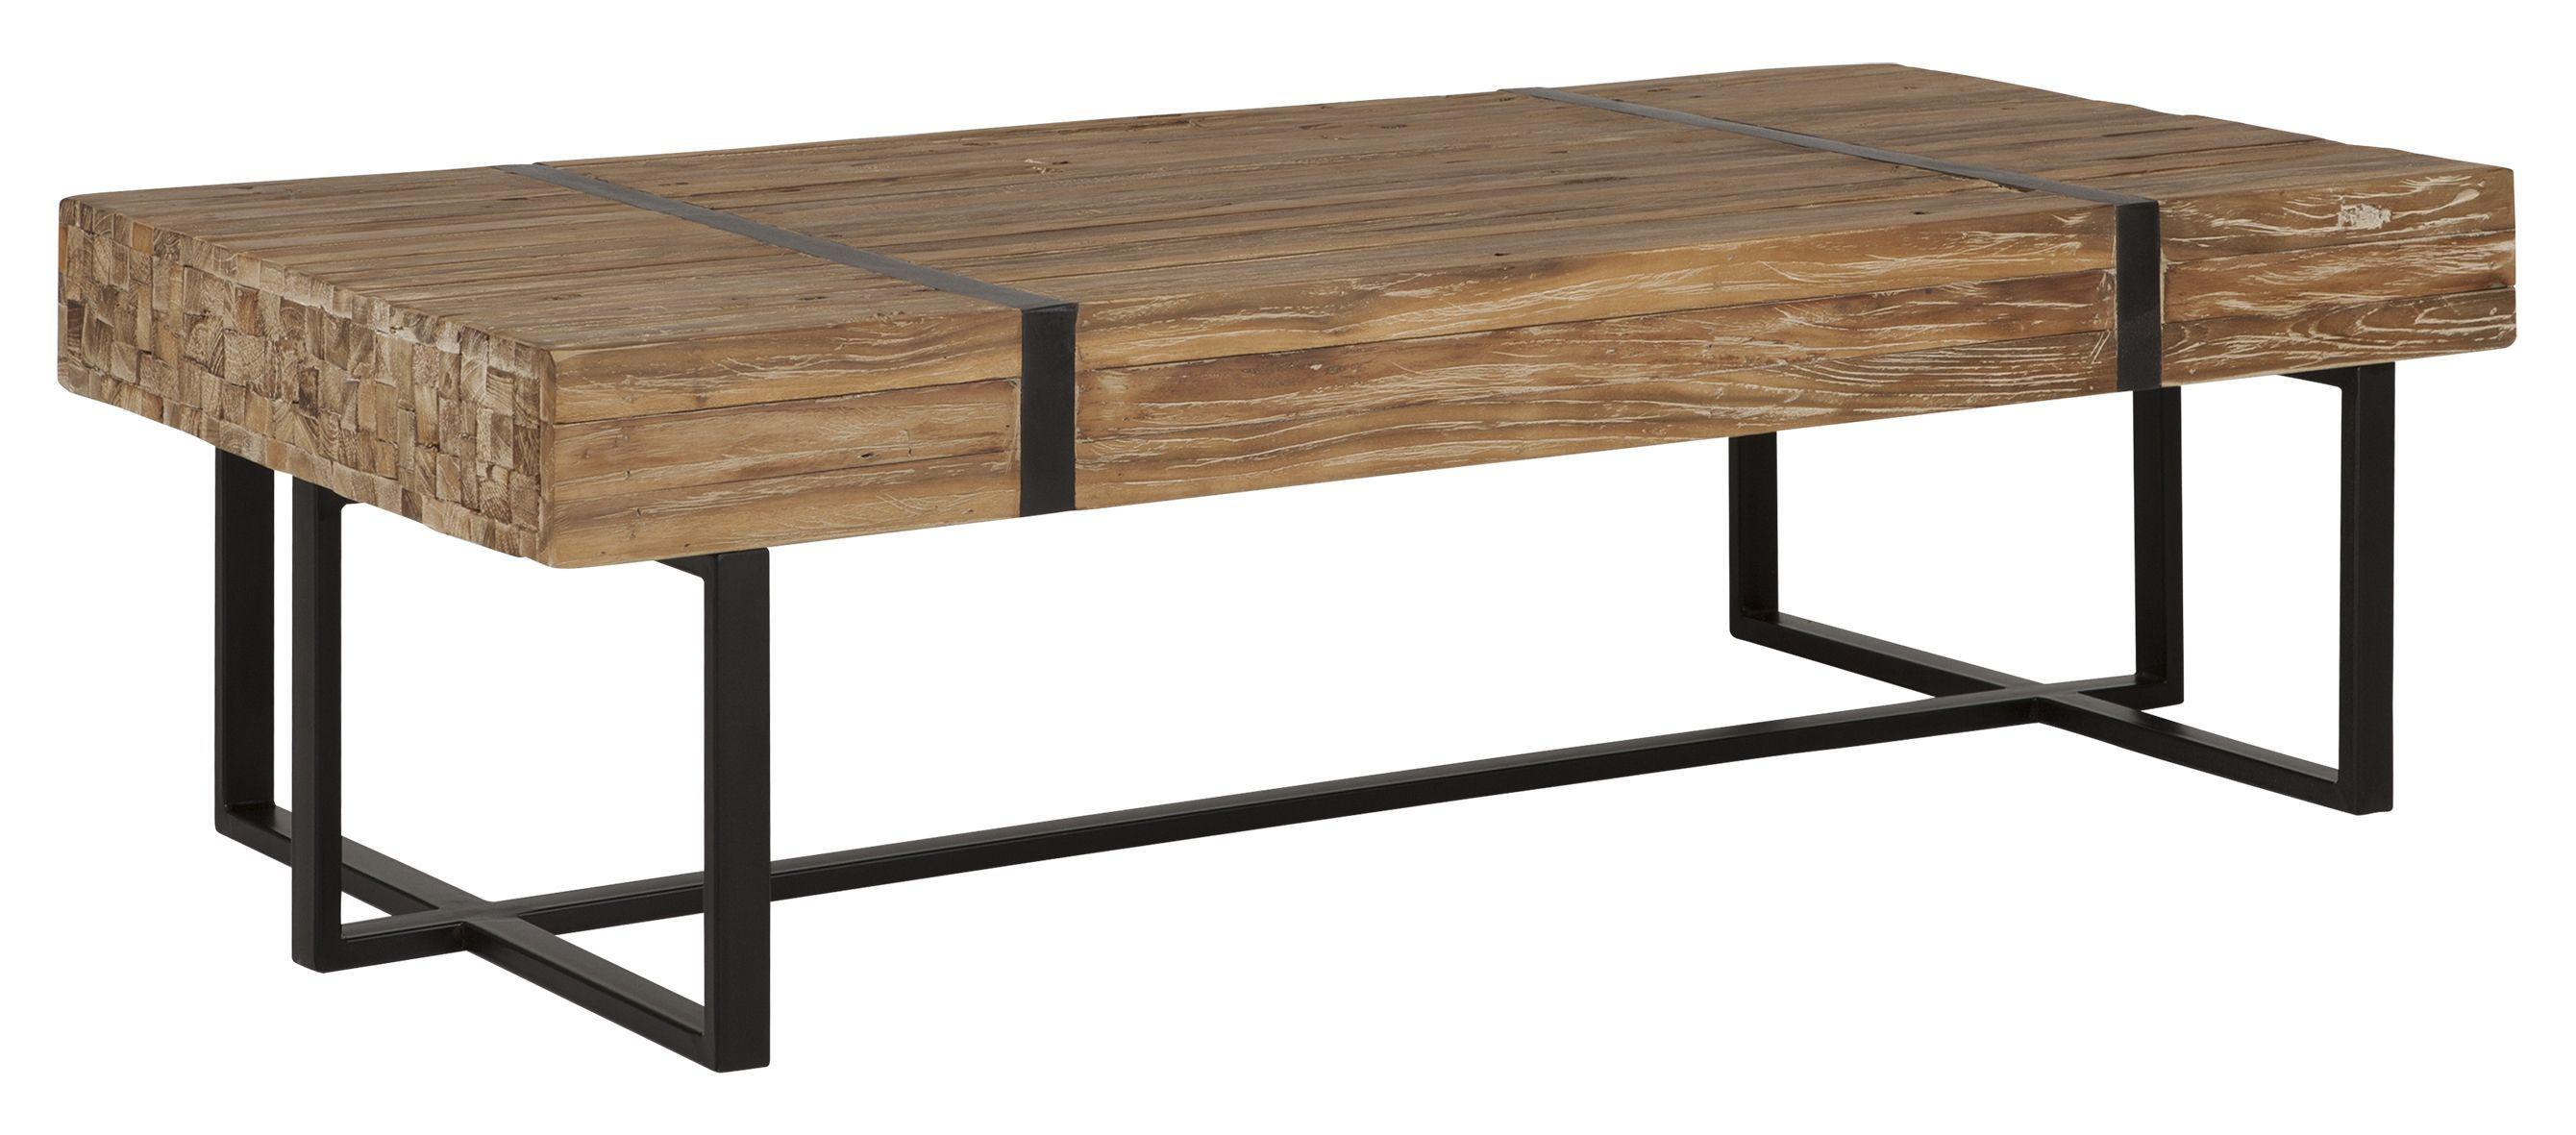 Konferenční stolík Bumper 120 x 60 cm